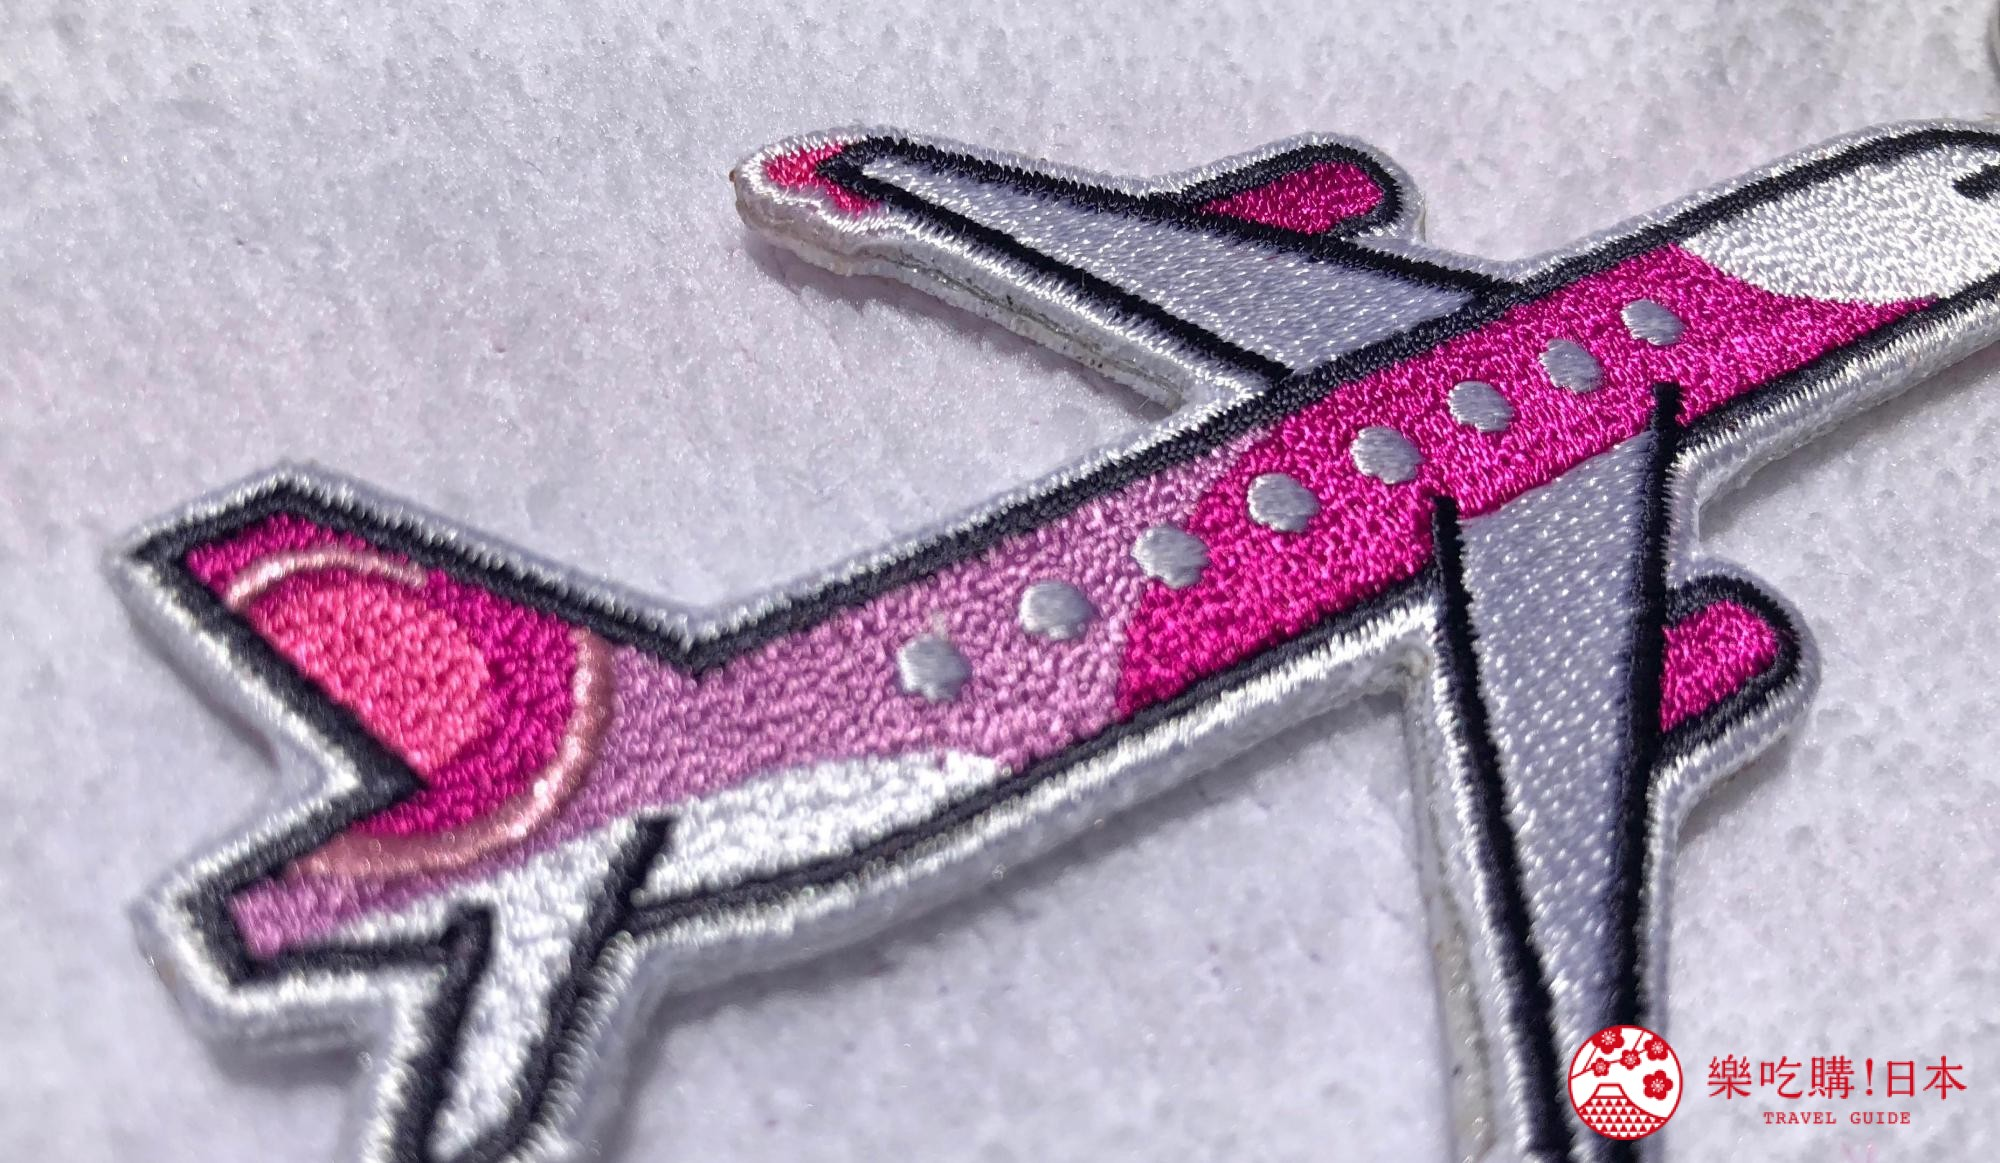 日本樂桃人氣原創設計商品的Peach原創設計刺繡鑰匙圈近照